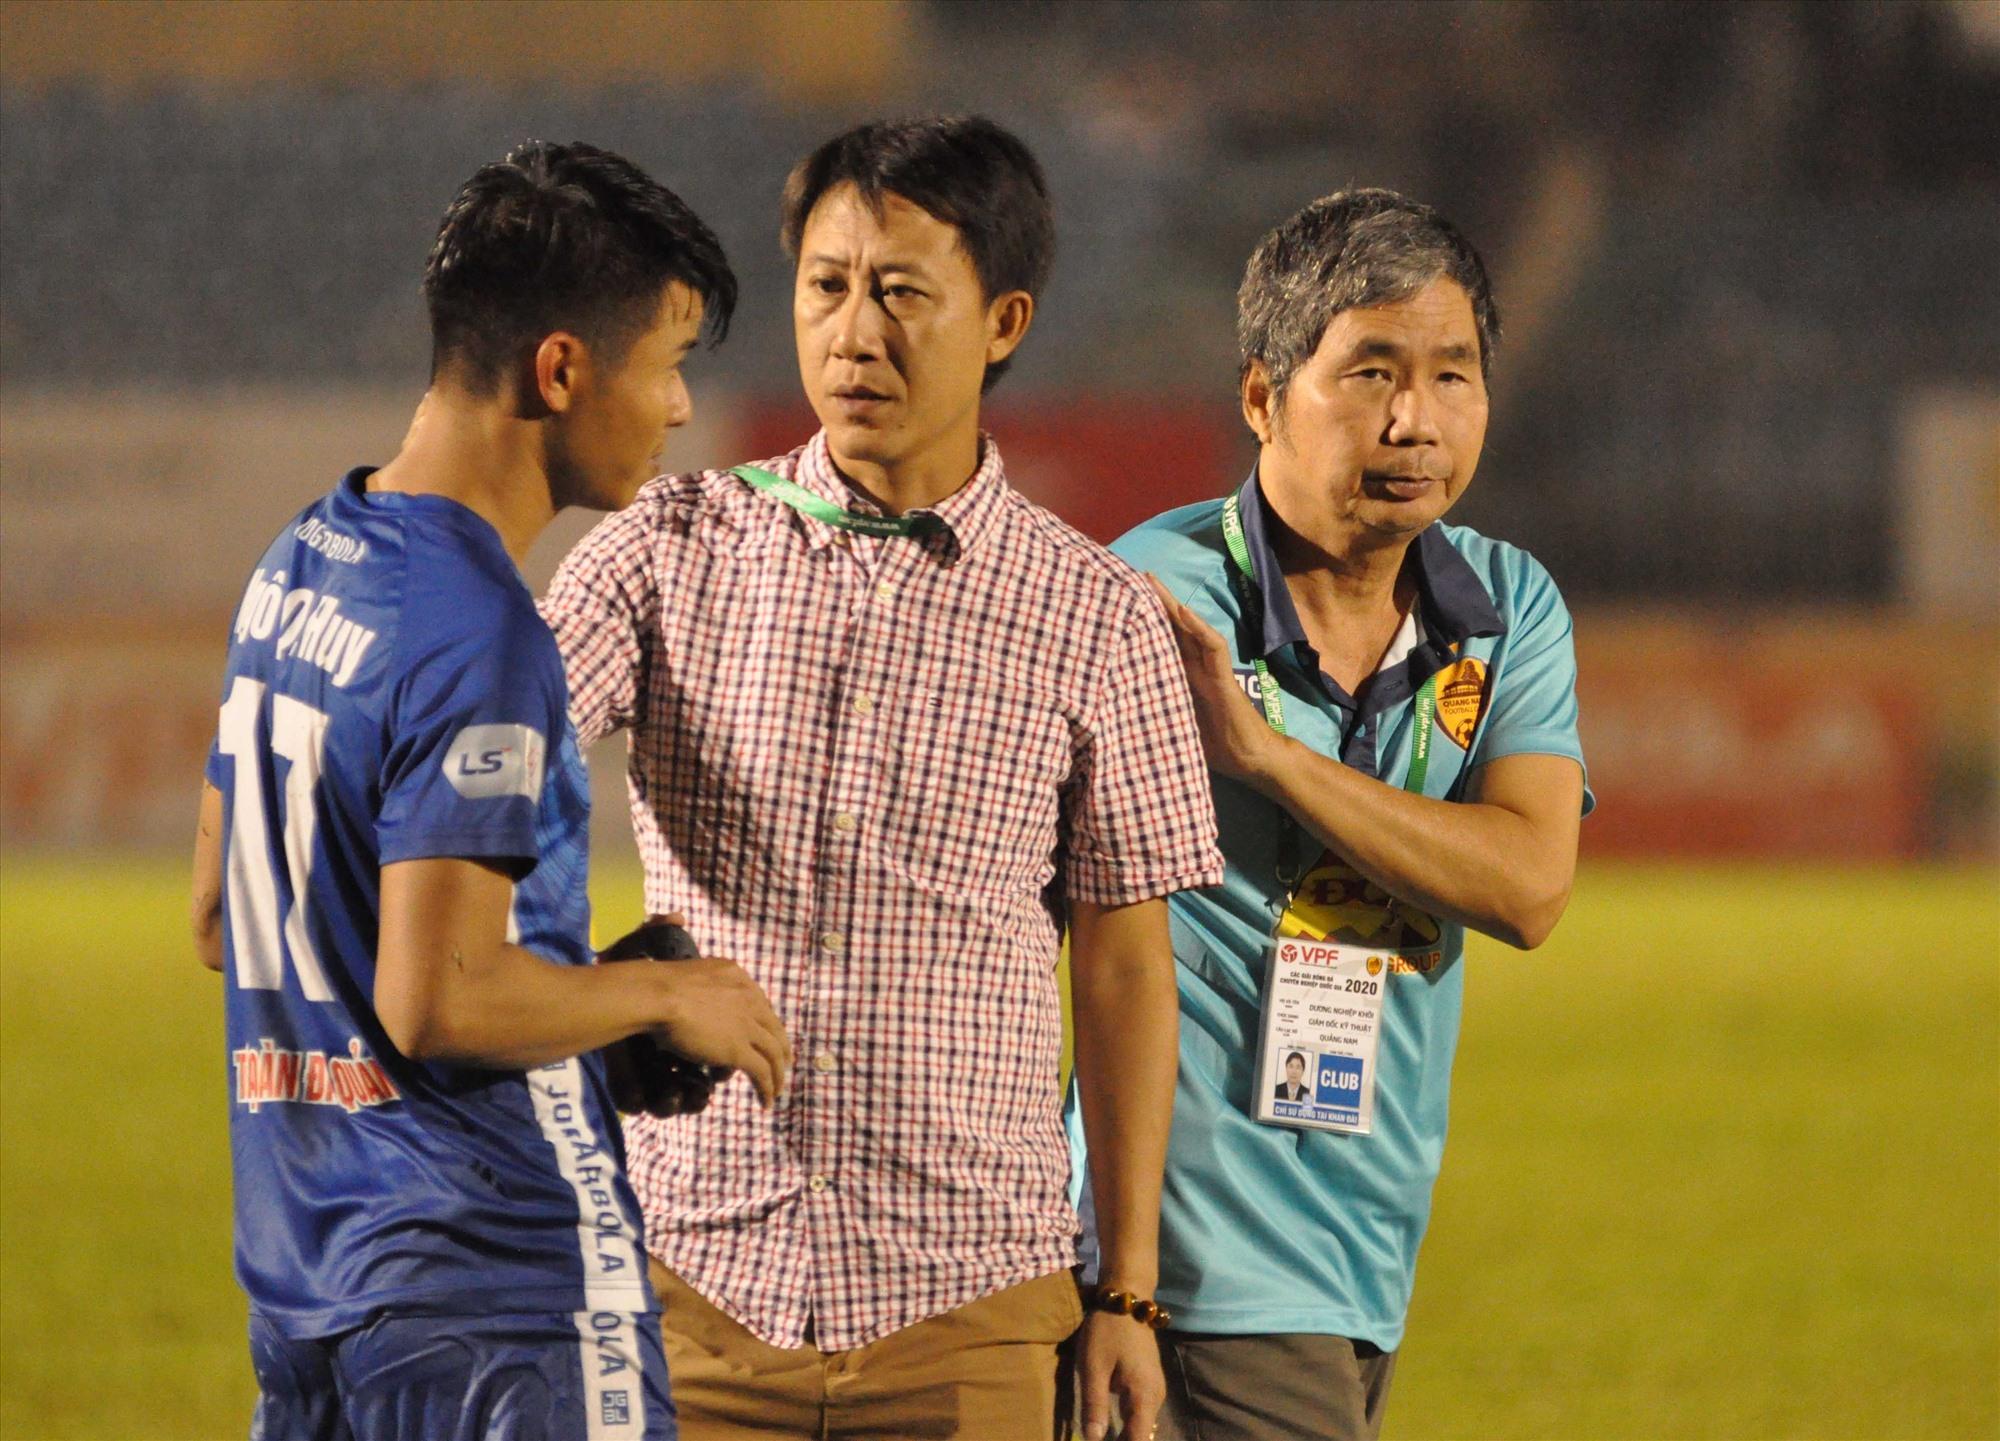 HLV Nguyễn Thành Công và Giám đốc điều hành Dương Nghiệp Khôi với trọng trách trách lèo lái đội Quảng Nam lên V-League. Ảnh: A.S